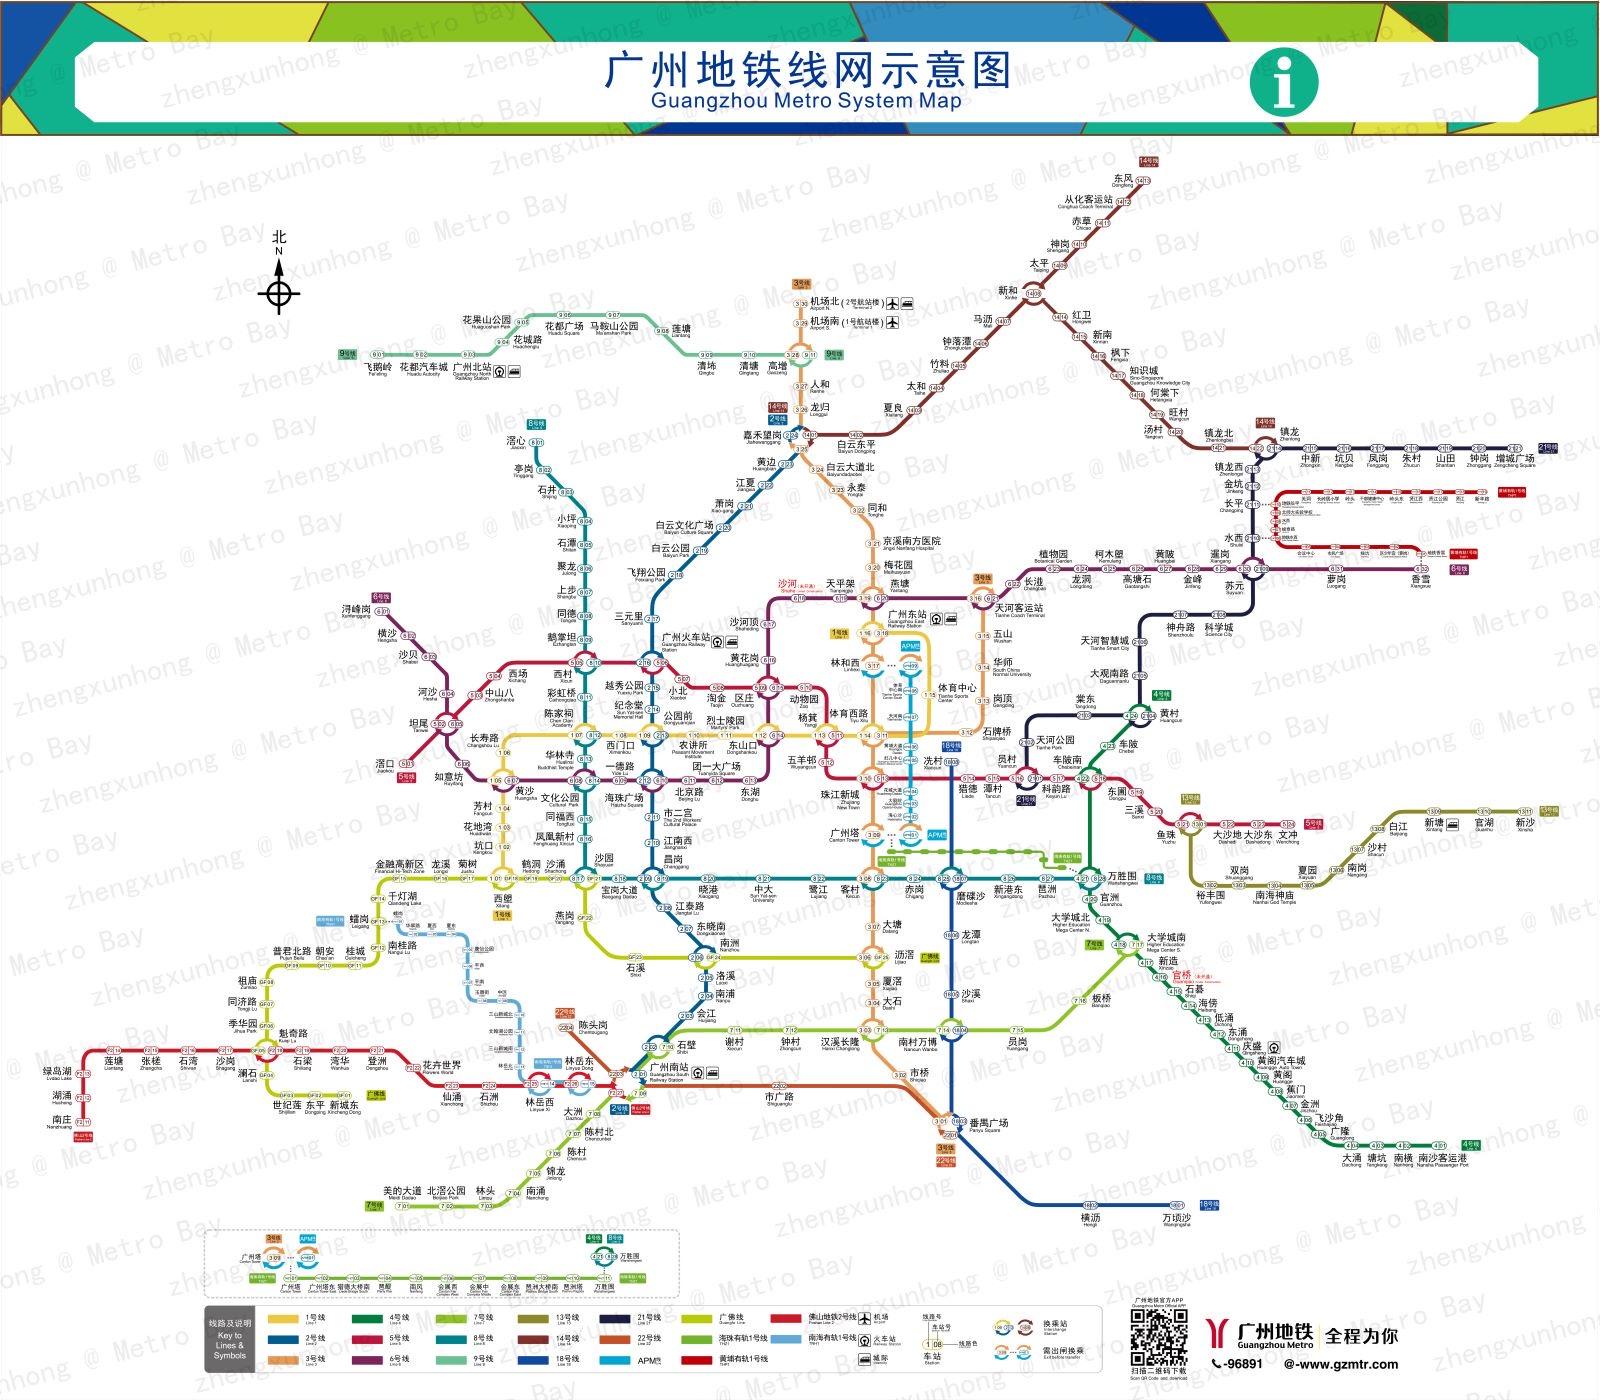 佛山地铁2号线(来源Metro bay)